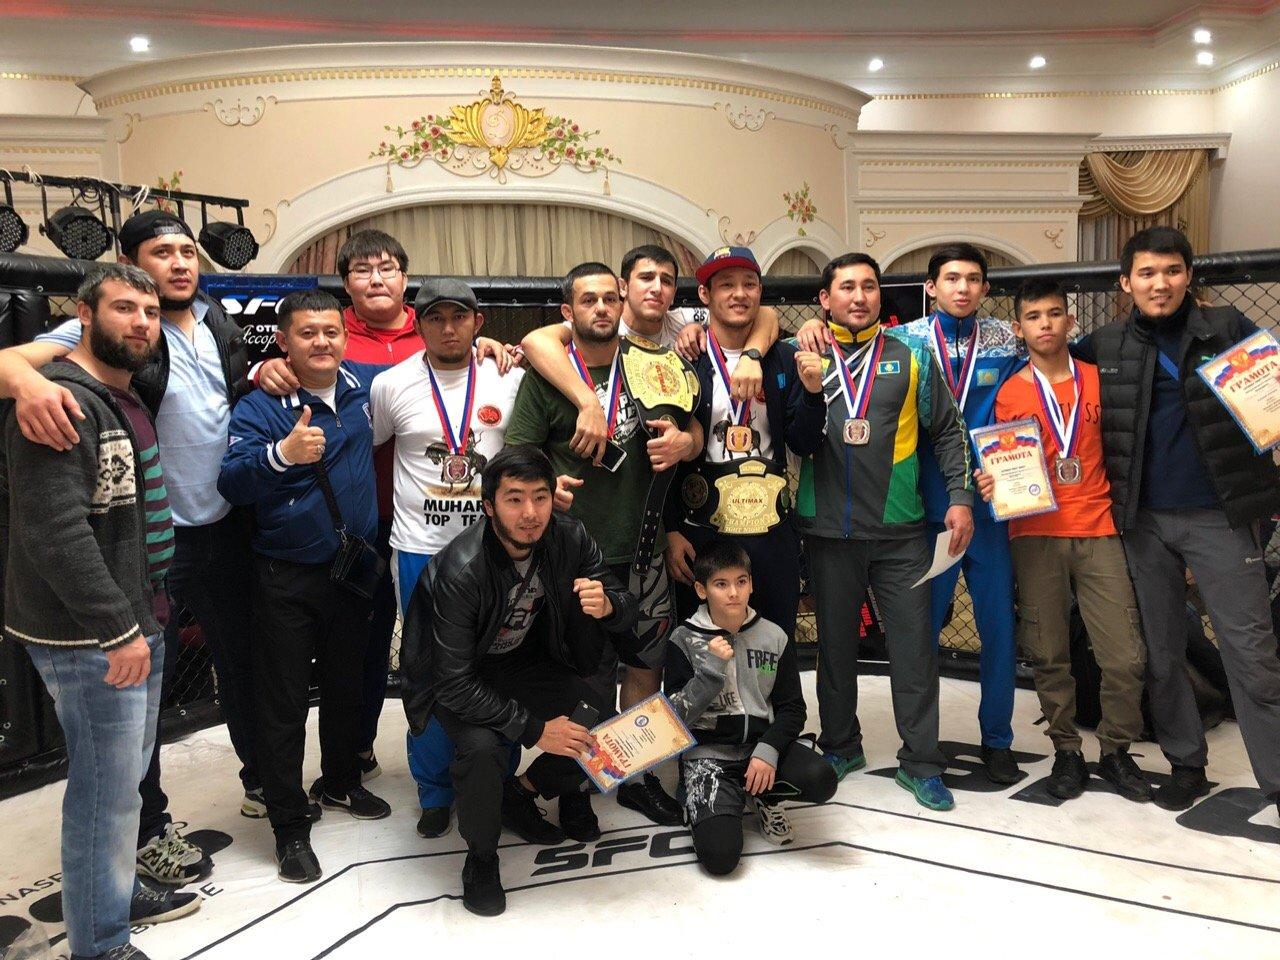 Команда из Уральска заняла призовые места в турнире ММА и Ultimax Fight Night, фото-1